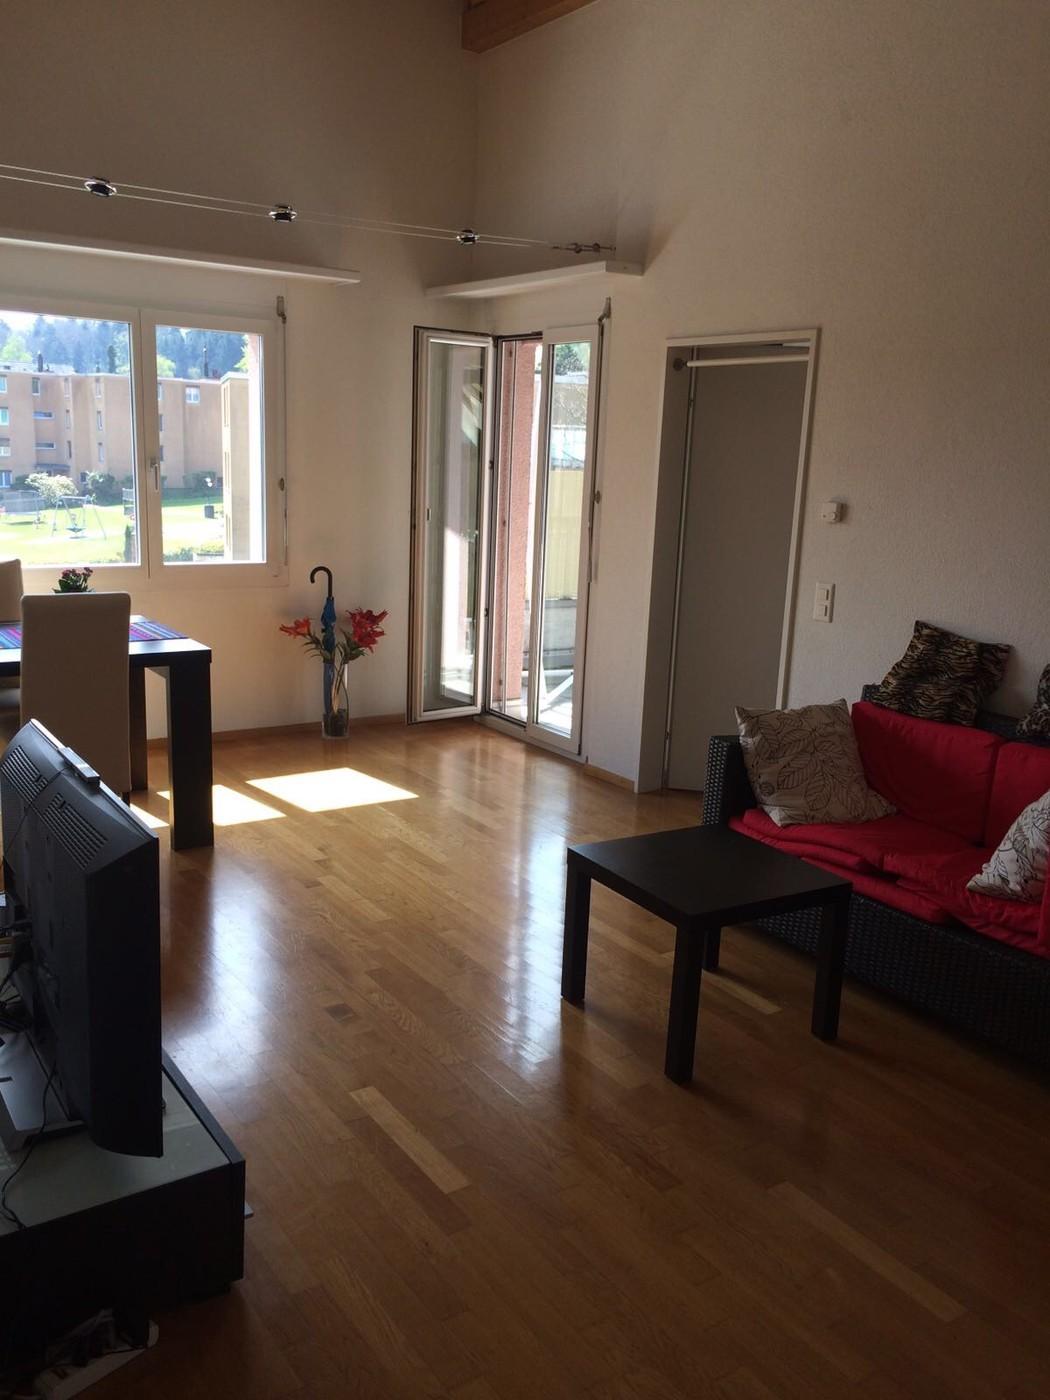 2 zimmer wohnung in r schlikon mieten flatfox. Black Bedroom Furniture Sets. Home Design Ideas